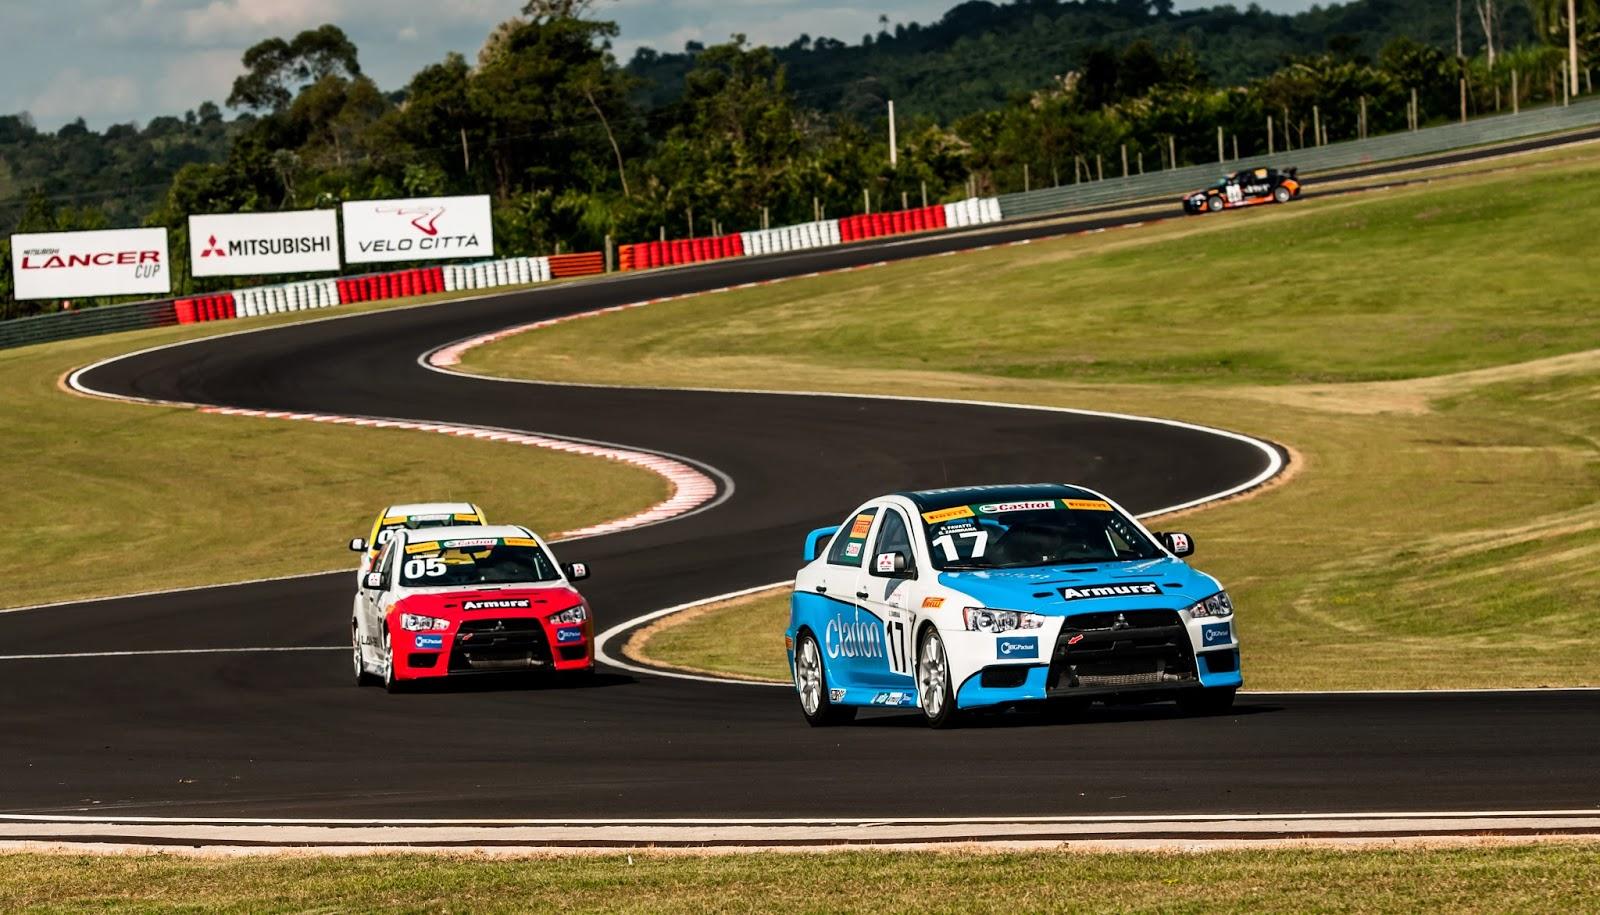 Lancer R e Lancer RS estarão juntos no grid